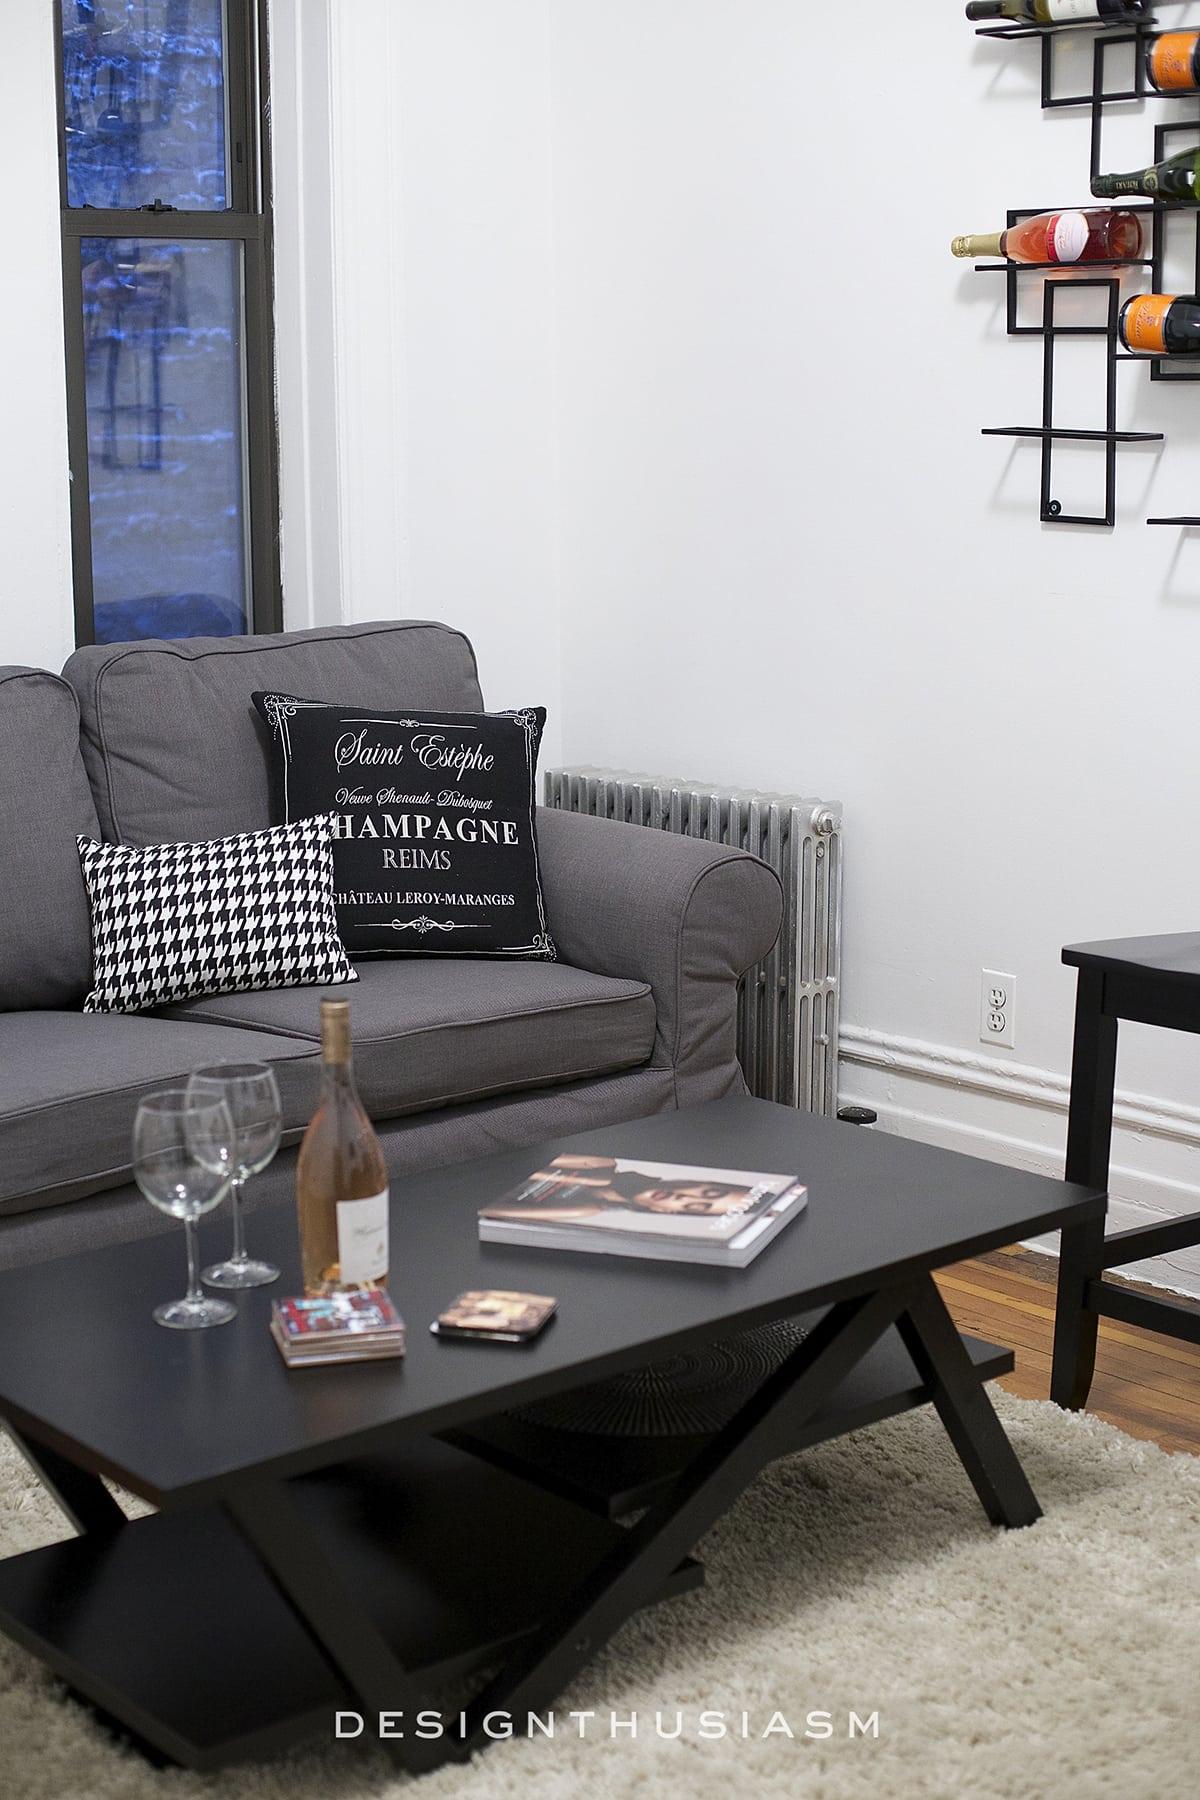 Manhattan Living Room | Designthusiasm.com 04